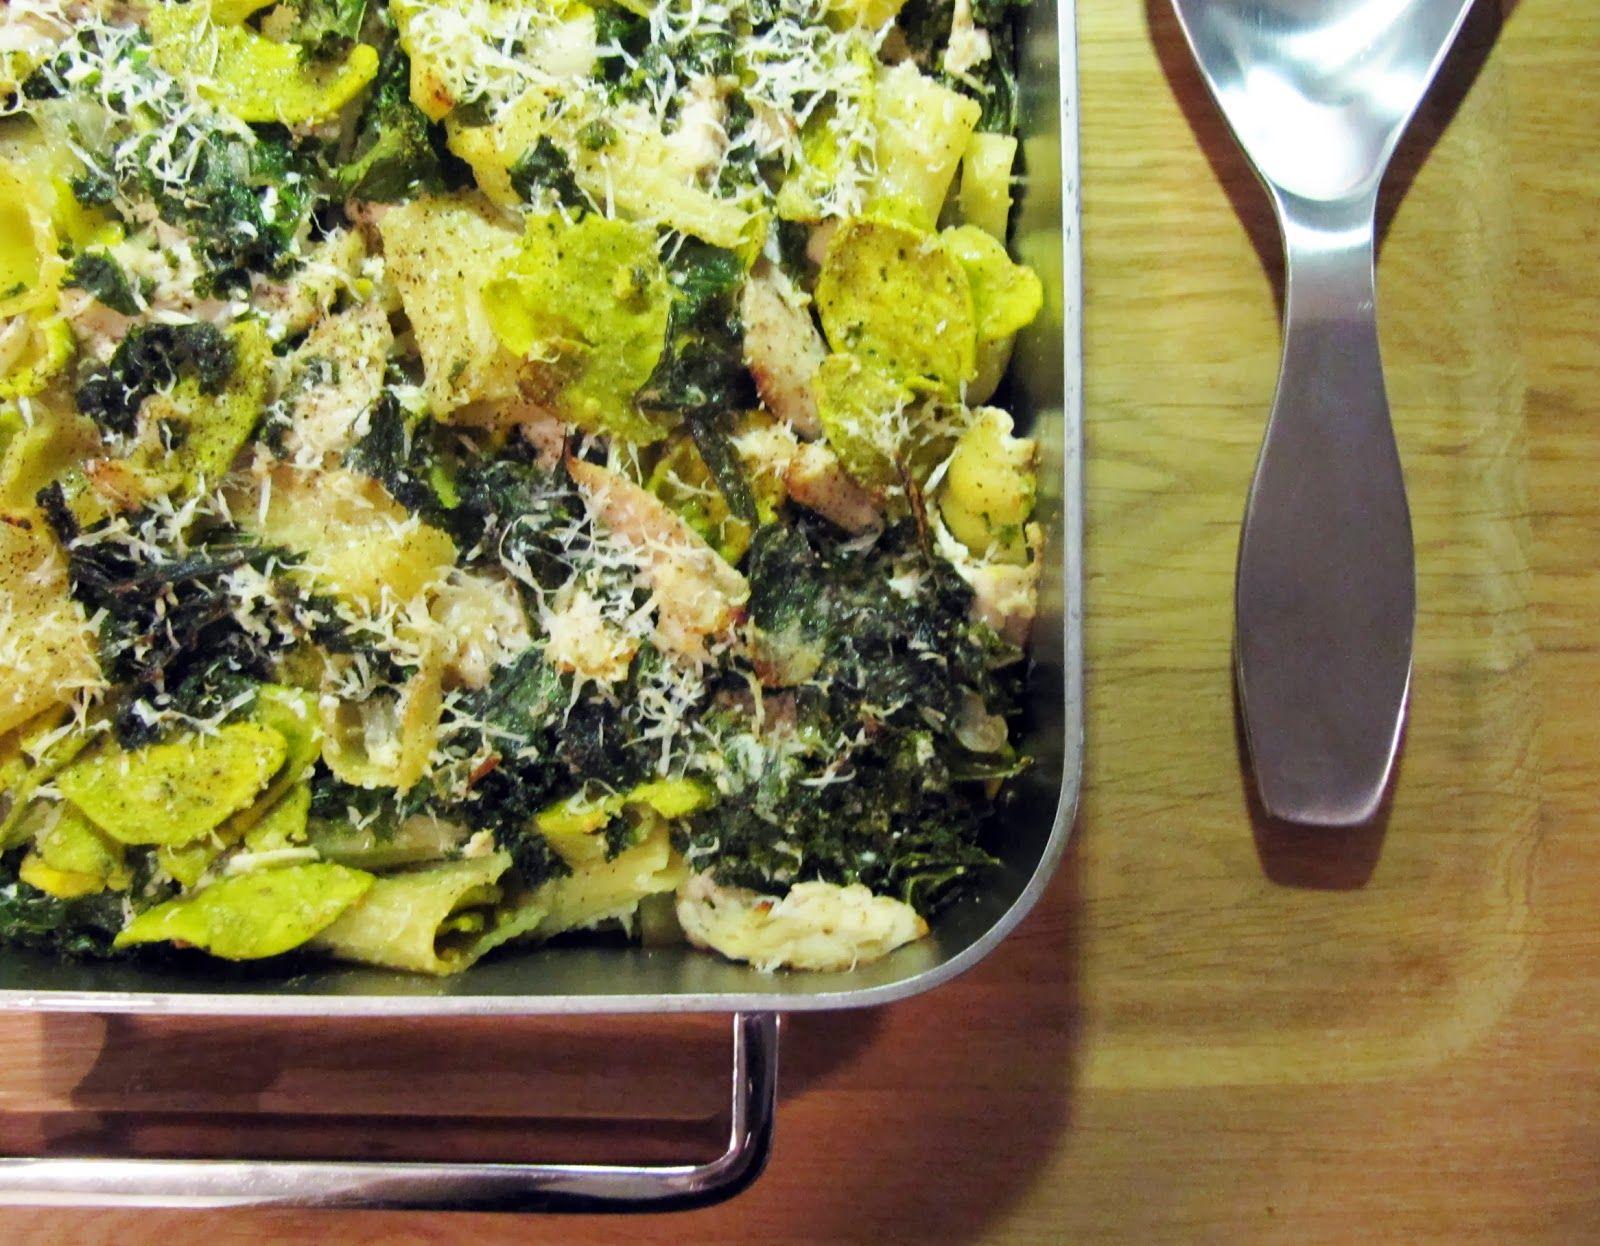 Kana-lehtikaali-pastapaistos: Kipparin morsian